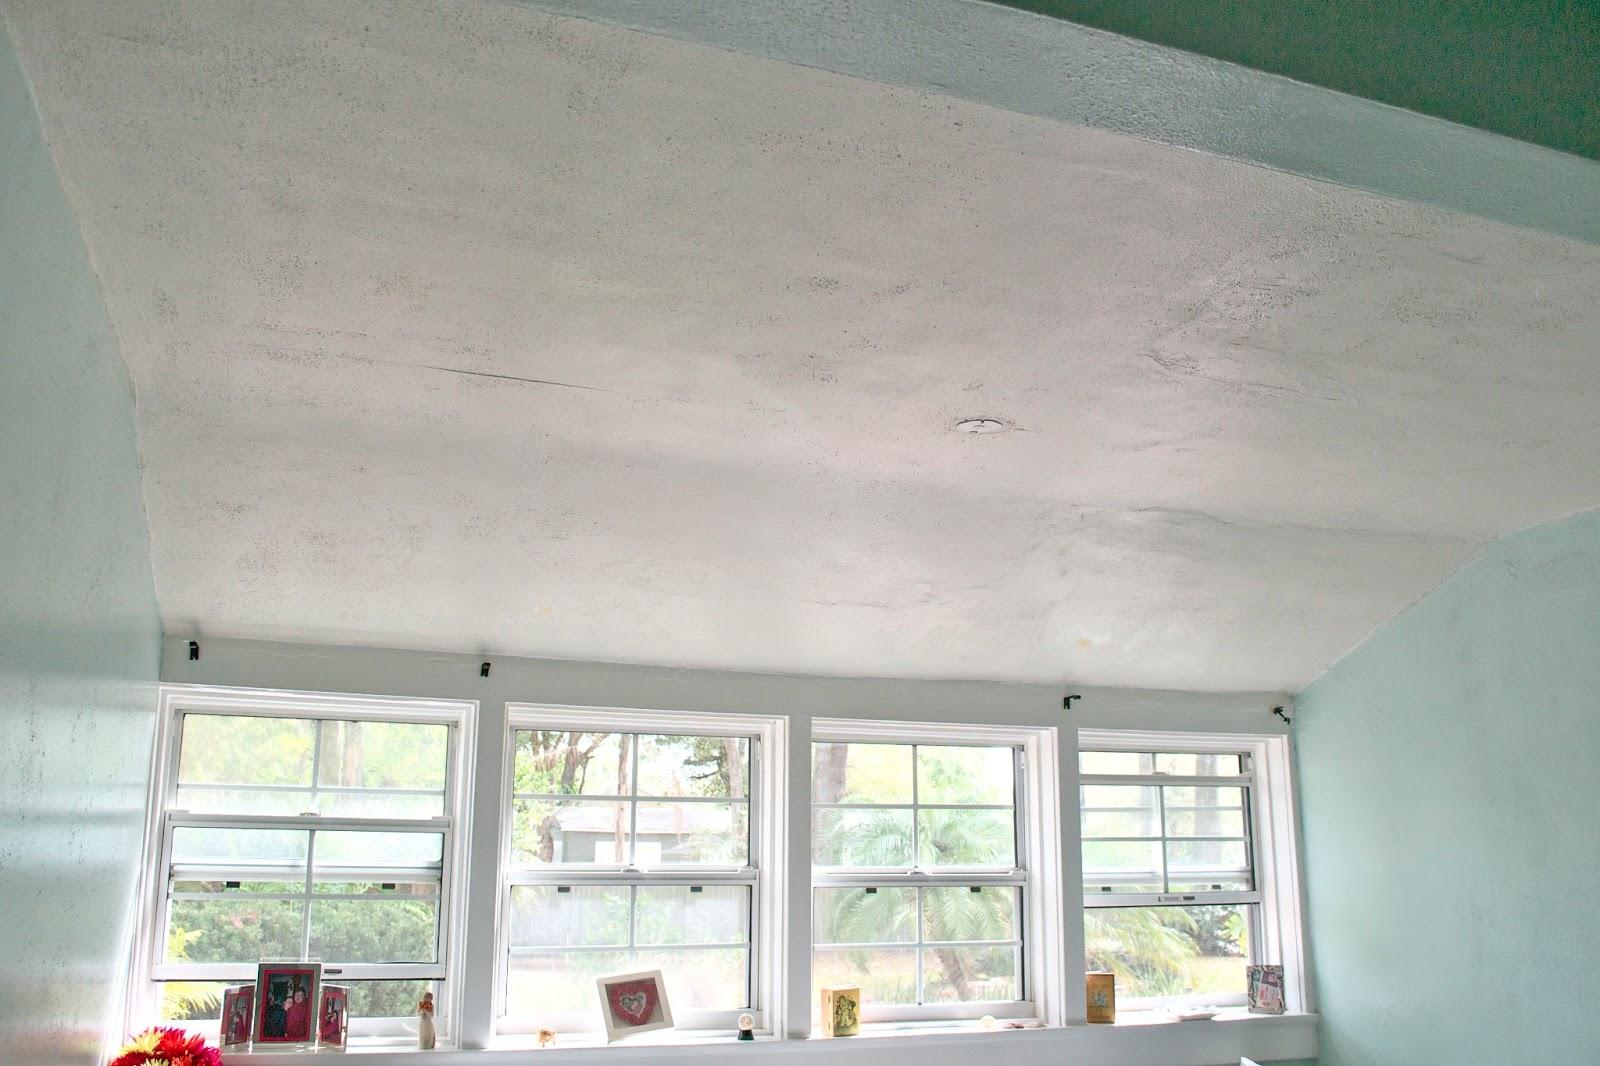 Декор потолка своими руками (38 фото обоями, тканью, и другие) 27